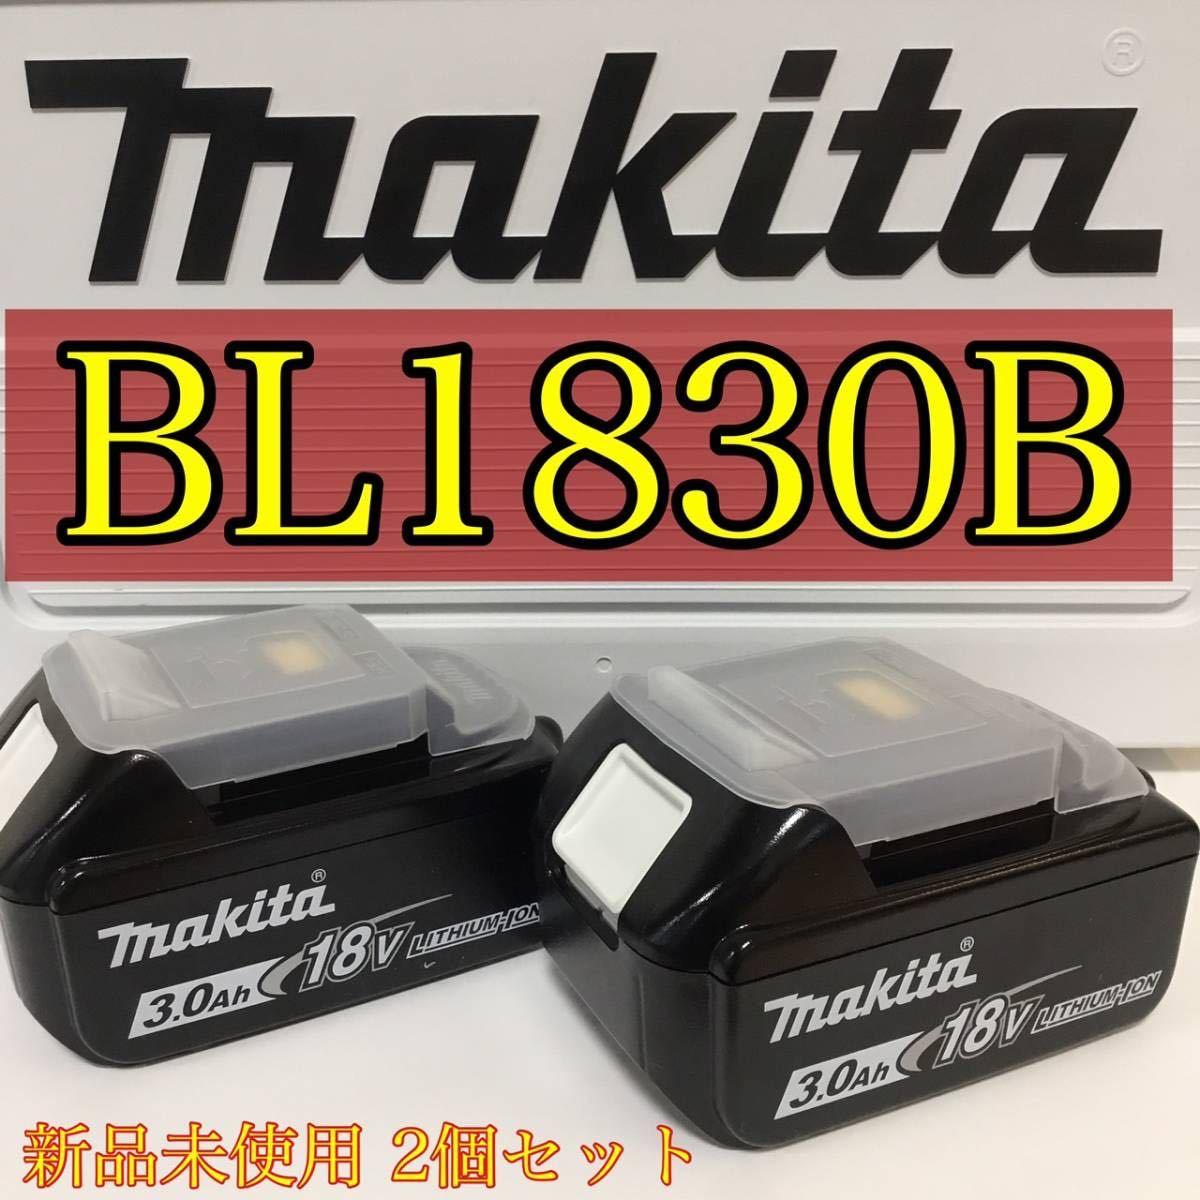 【新品・未使用】マキタ Makita BL1830B リチウムイオンバッテリ 2個セット